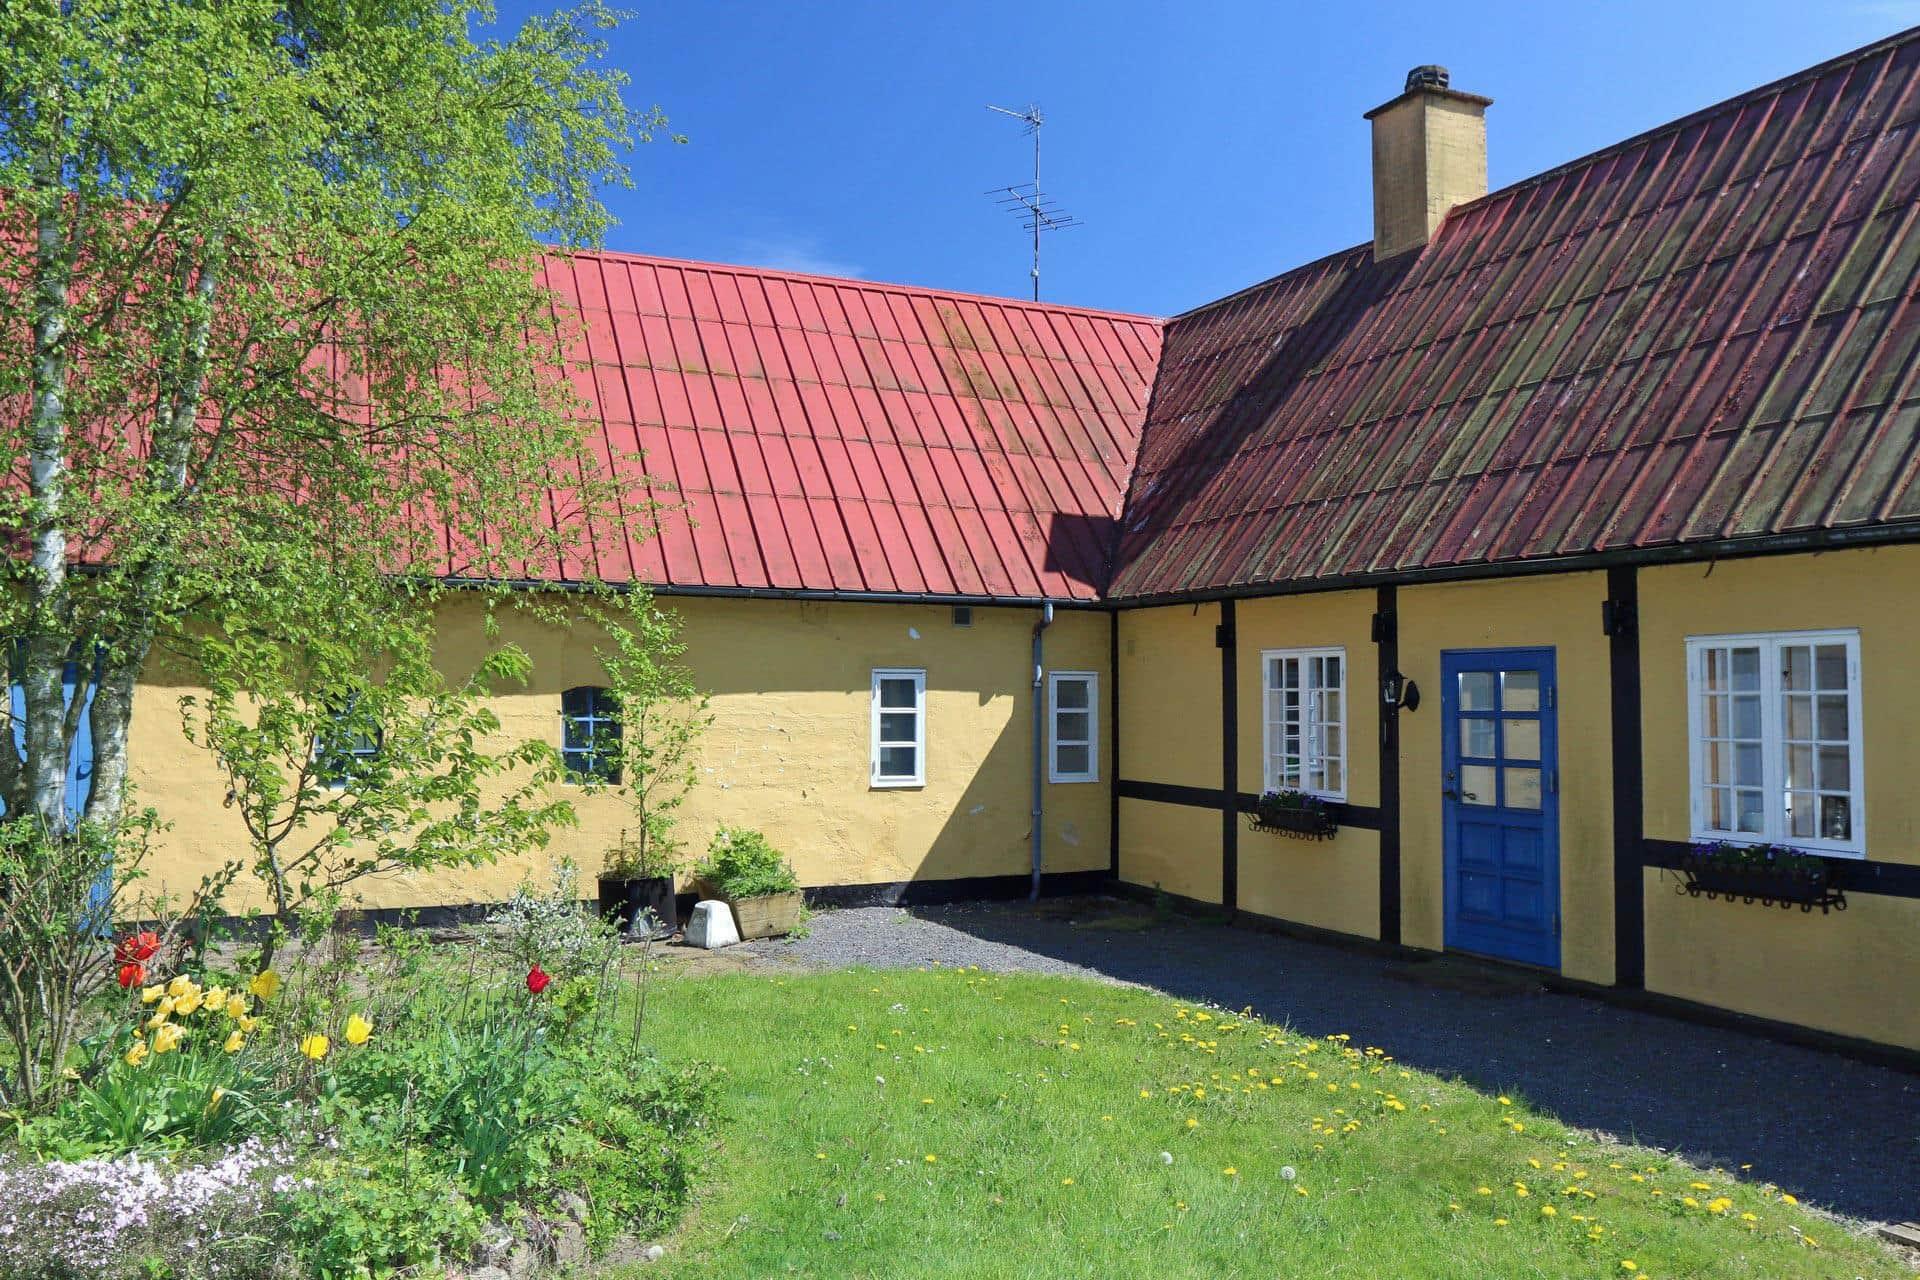 Billede 1-10 Sommerhus 3630, Kannikegårdsvej 23, DK - 3730 Nexø